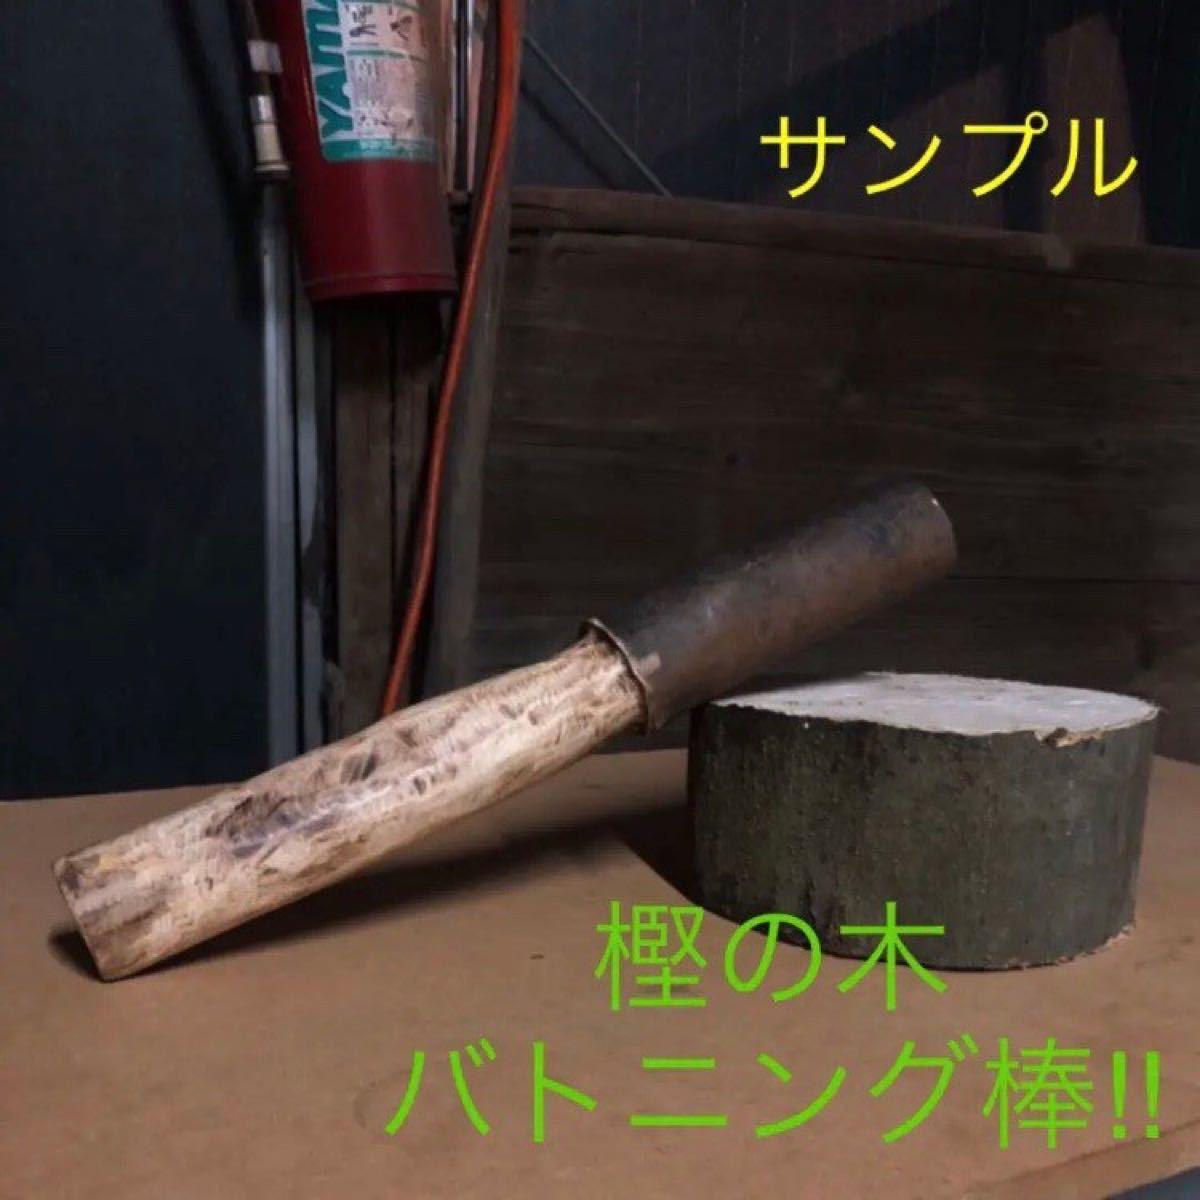 国産樫の木 持ち手加工済みバトニング